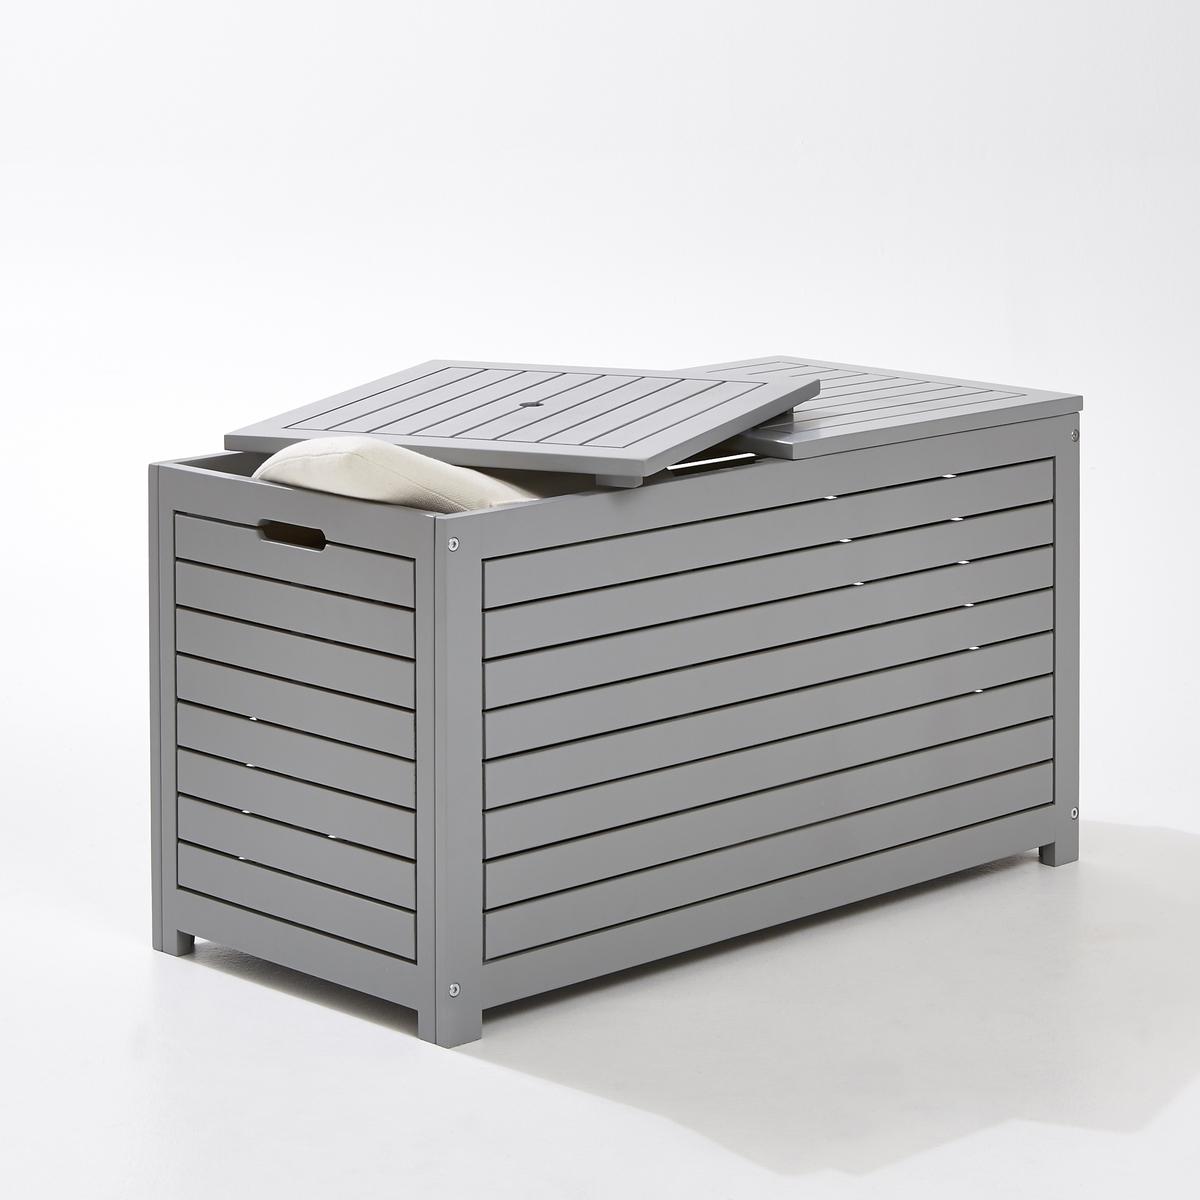 Ящик для вещей прямоугольный из акацииЯщик для хранения, акация : В саду, на террасе или балконе этот прямоугольный ящик для вещей большой вместимости, эстетичный и очень практичный, позволит разместить, защитив он непогоды, ваши подушки, игрушки... Характеристики : Акация, морениеСочетается с ящиком для вещей квадратной формы (продается на сайте laredoute.ruРазмеры : Ширина : 90 смГлубина : 45 см.Высота : 50 см.Размеры и вес упаковки :1 упаковкаДлина 94 см.Ширина 51смВысота 13.5см Вес: 14 кг.Качество :Акация обладает хорошими механическими свойствами (прочность, устойчивость к насекомым и грибам, устойчивость к непогоде и чередованию сухой и влажной погоды).Доставка :Ящик продается в разобранном виде. Возможна доставка до квартиры !Внимание ! Убедитесь, что товар возможно доставить на дом, учитывая его габариты (проходит в двери, по лестницам, в лифты).<br><br>Цвет: серый<br>Размер: единый размер